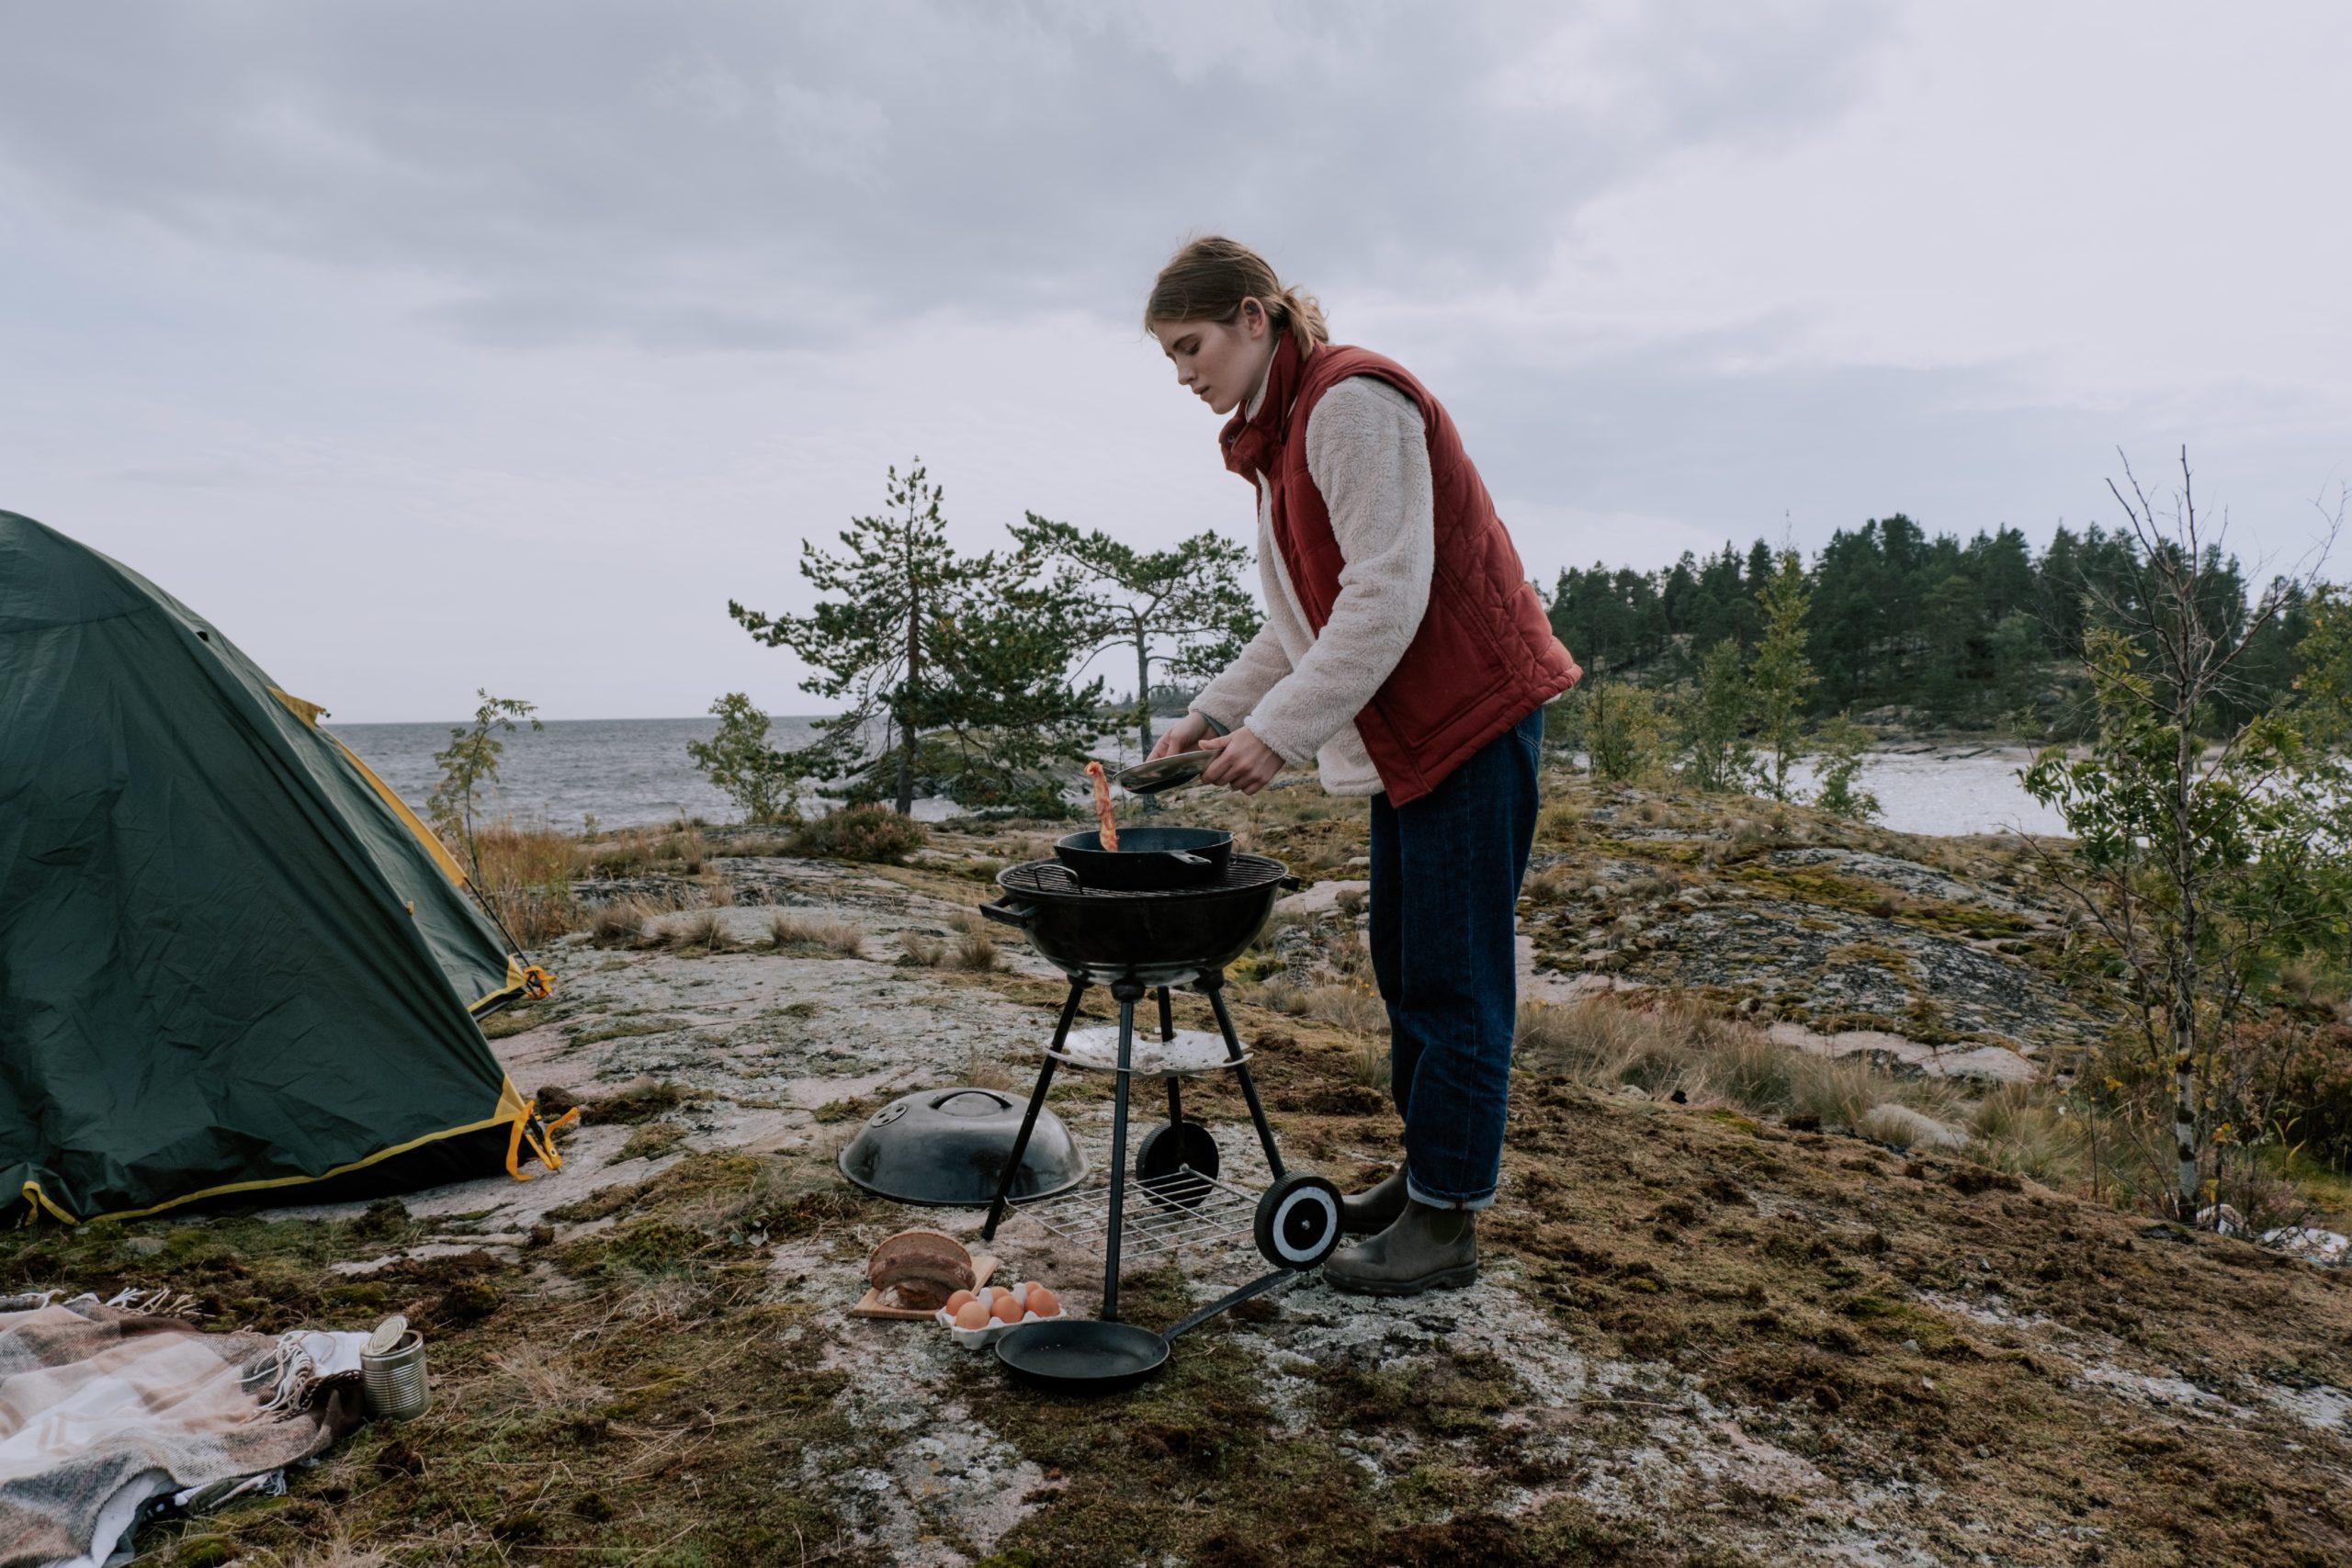 Frau grillt in der Natur